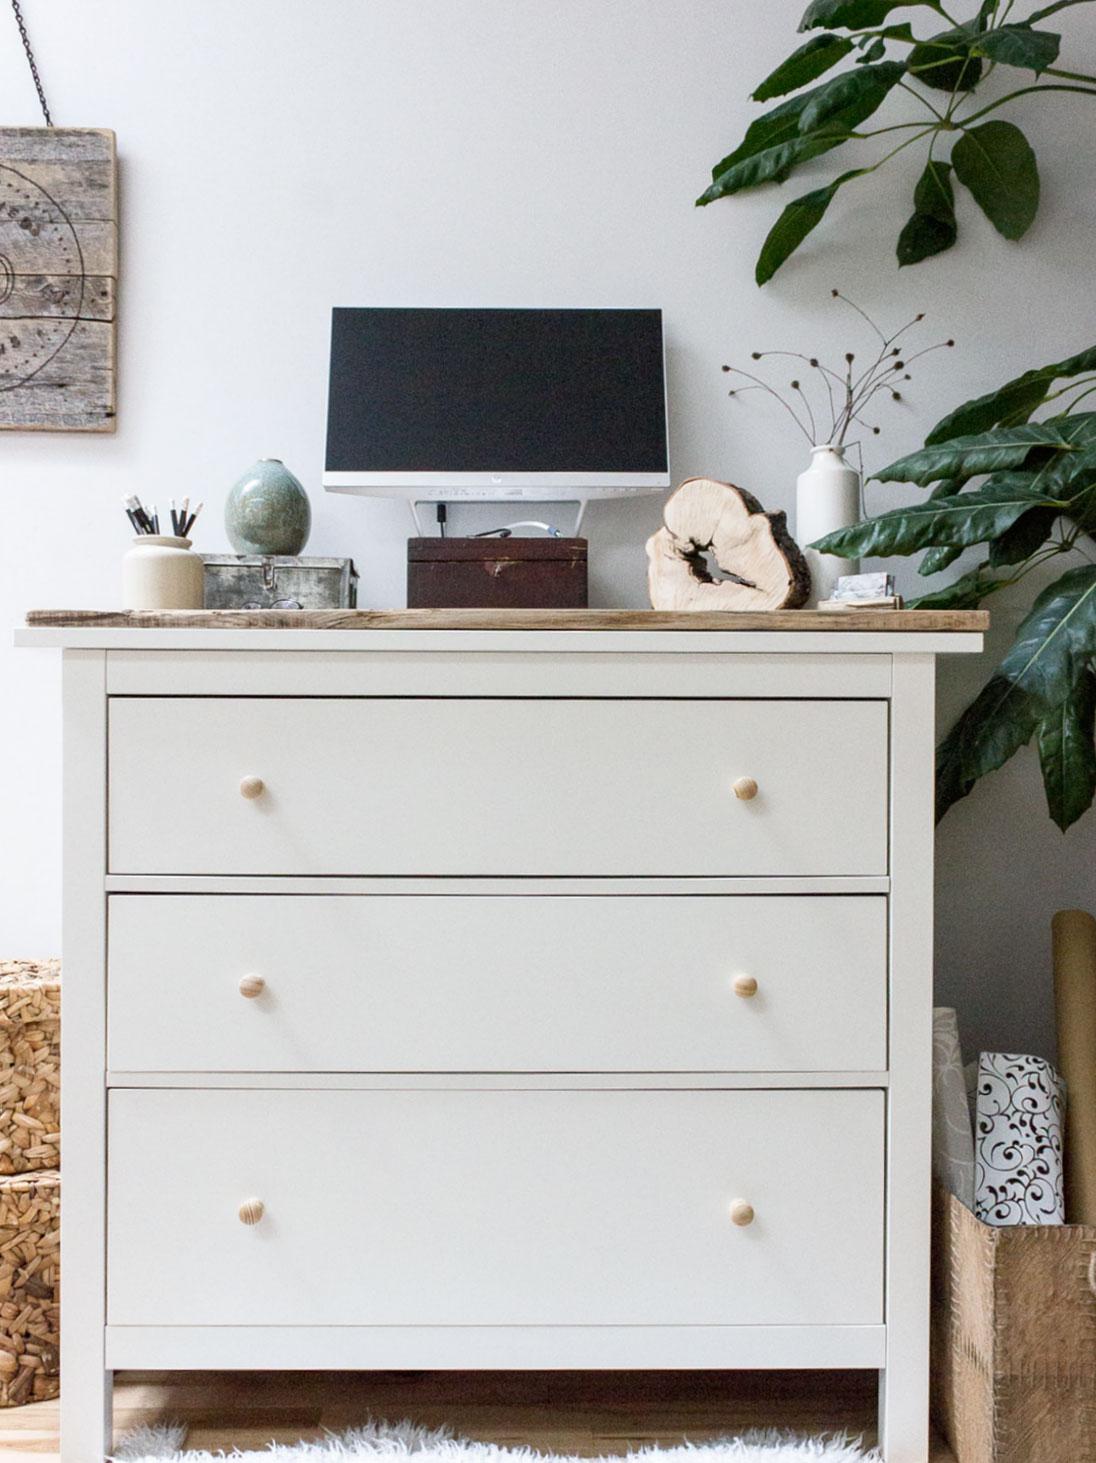 DIY a standing desk